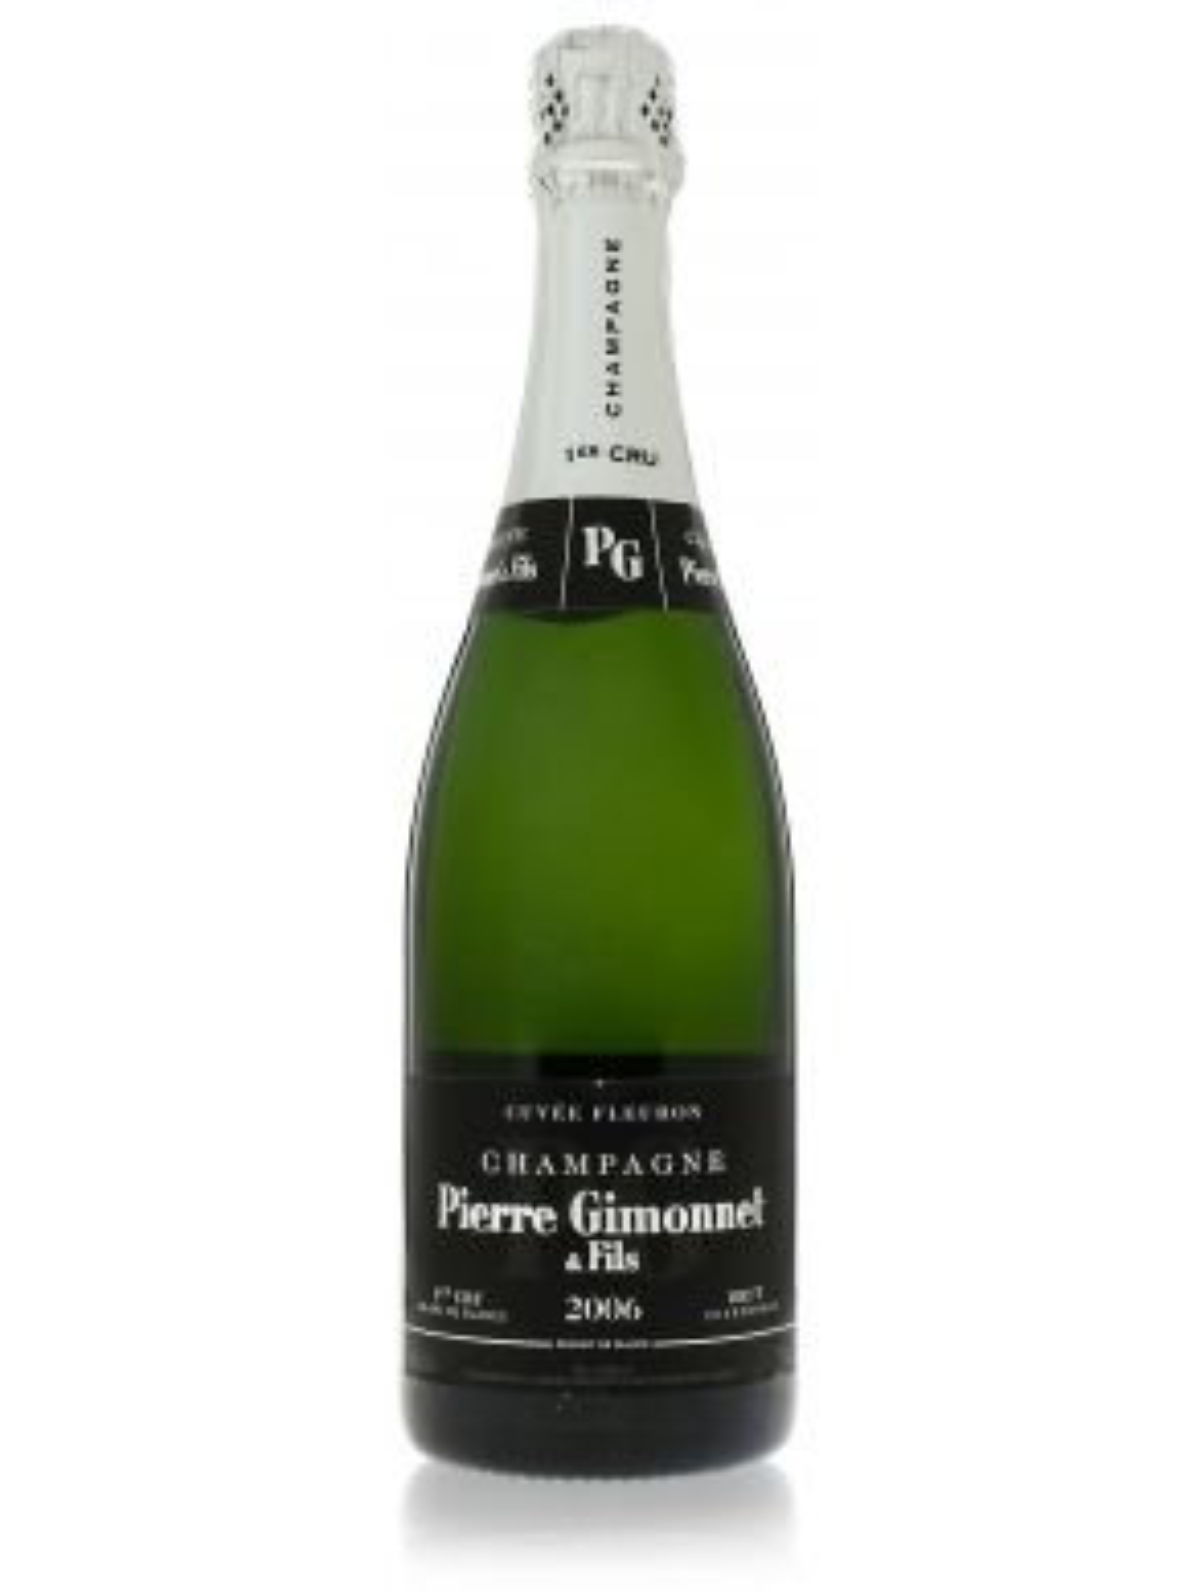 Pierre Gimonnet et Fils Cuvee Fleuron 2006 Champagne Vintage 75cl